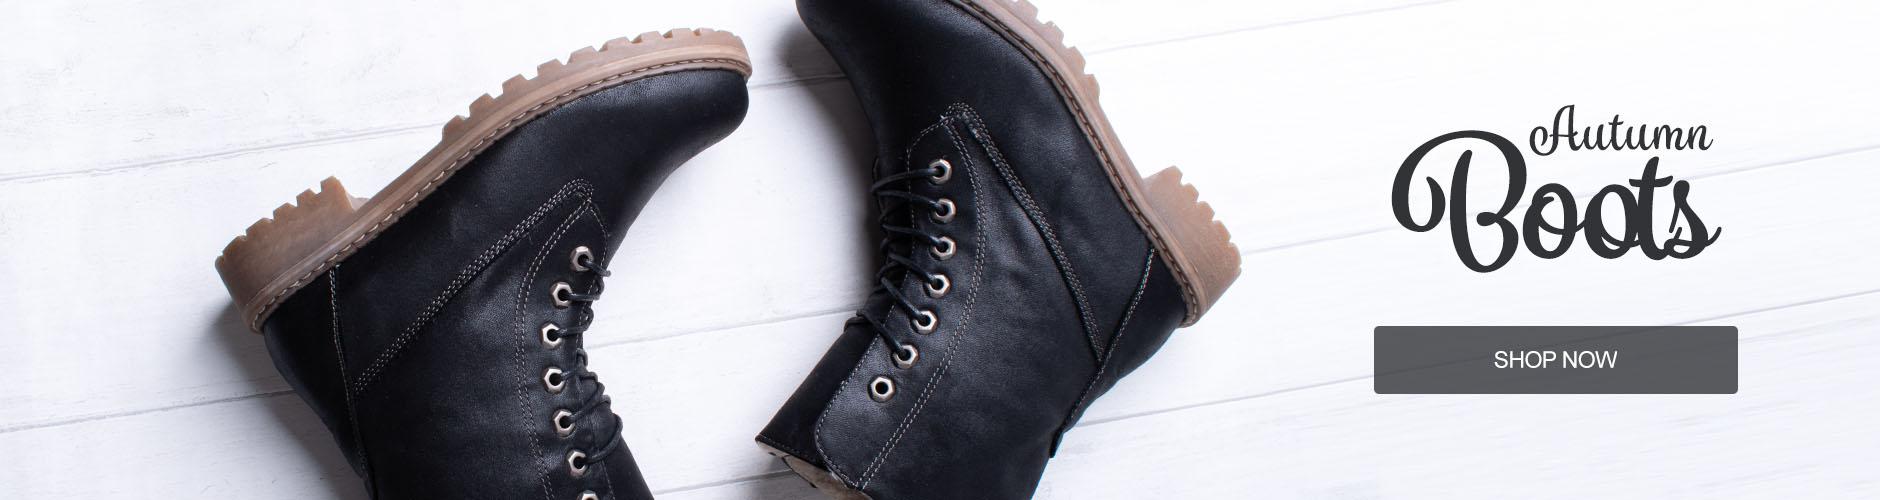 Ladies Autumn Boots Shop Now